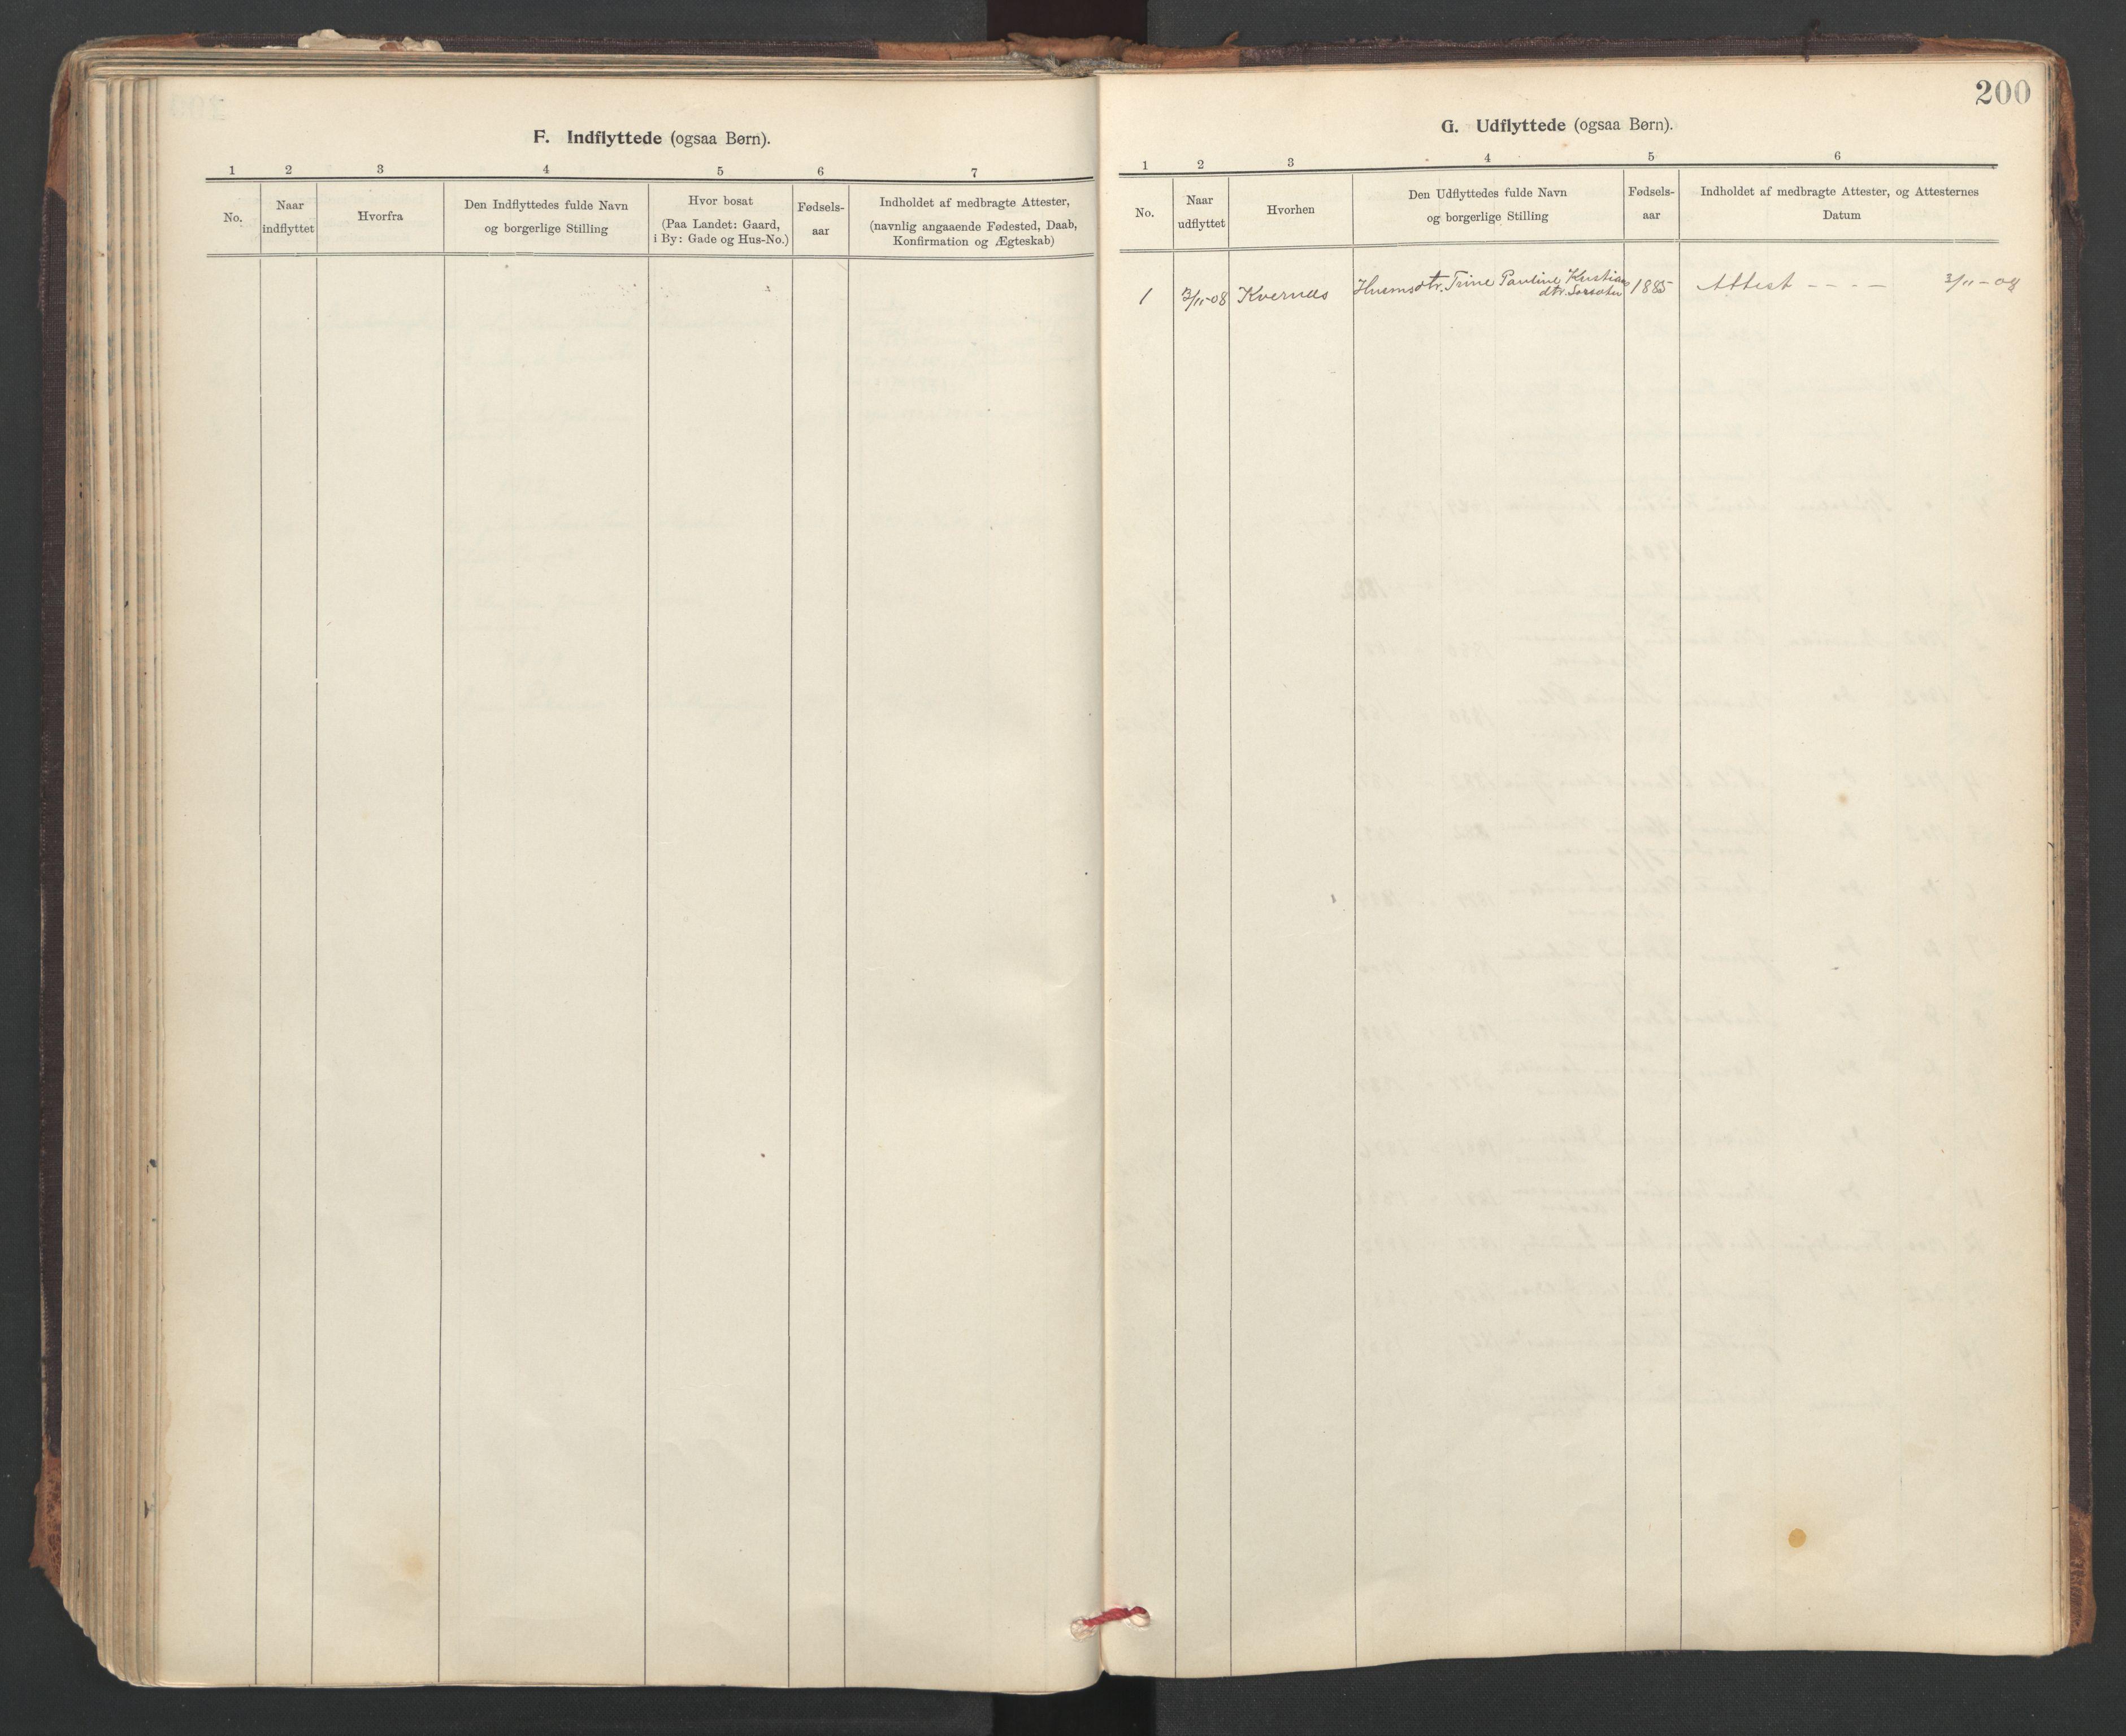 SAT, Ministerialprotokoller, klokkerbøker og fødselsregistre - Sør-Trøndelag, 637/L0559: Ministerialbok nr. 637A02, 1899-1923, s. 200